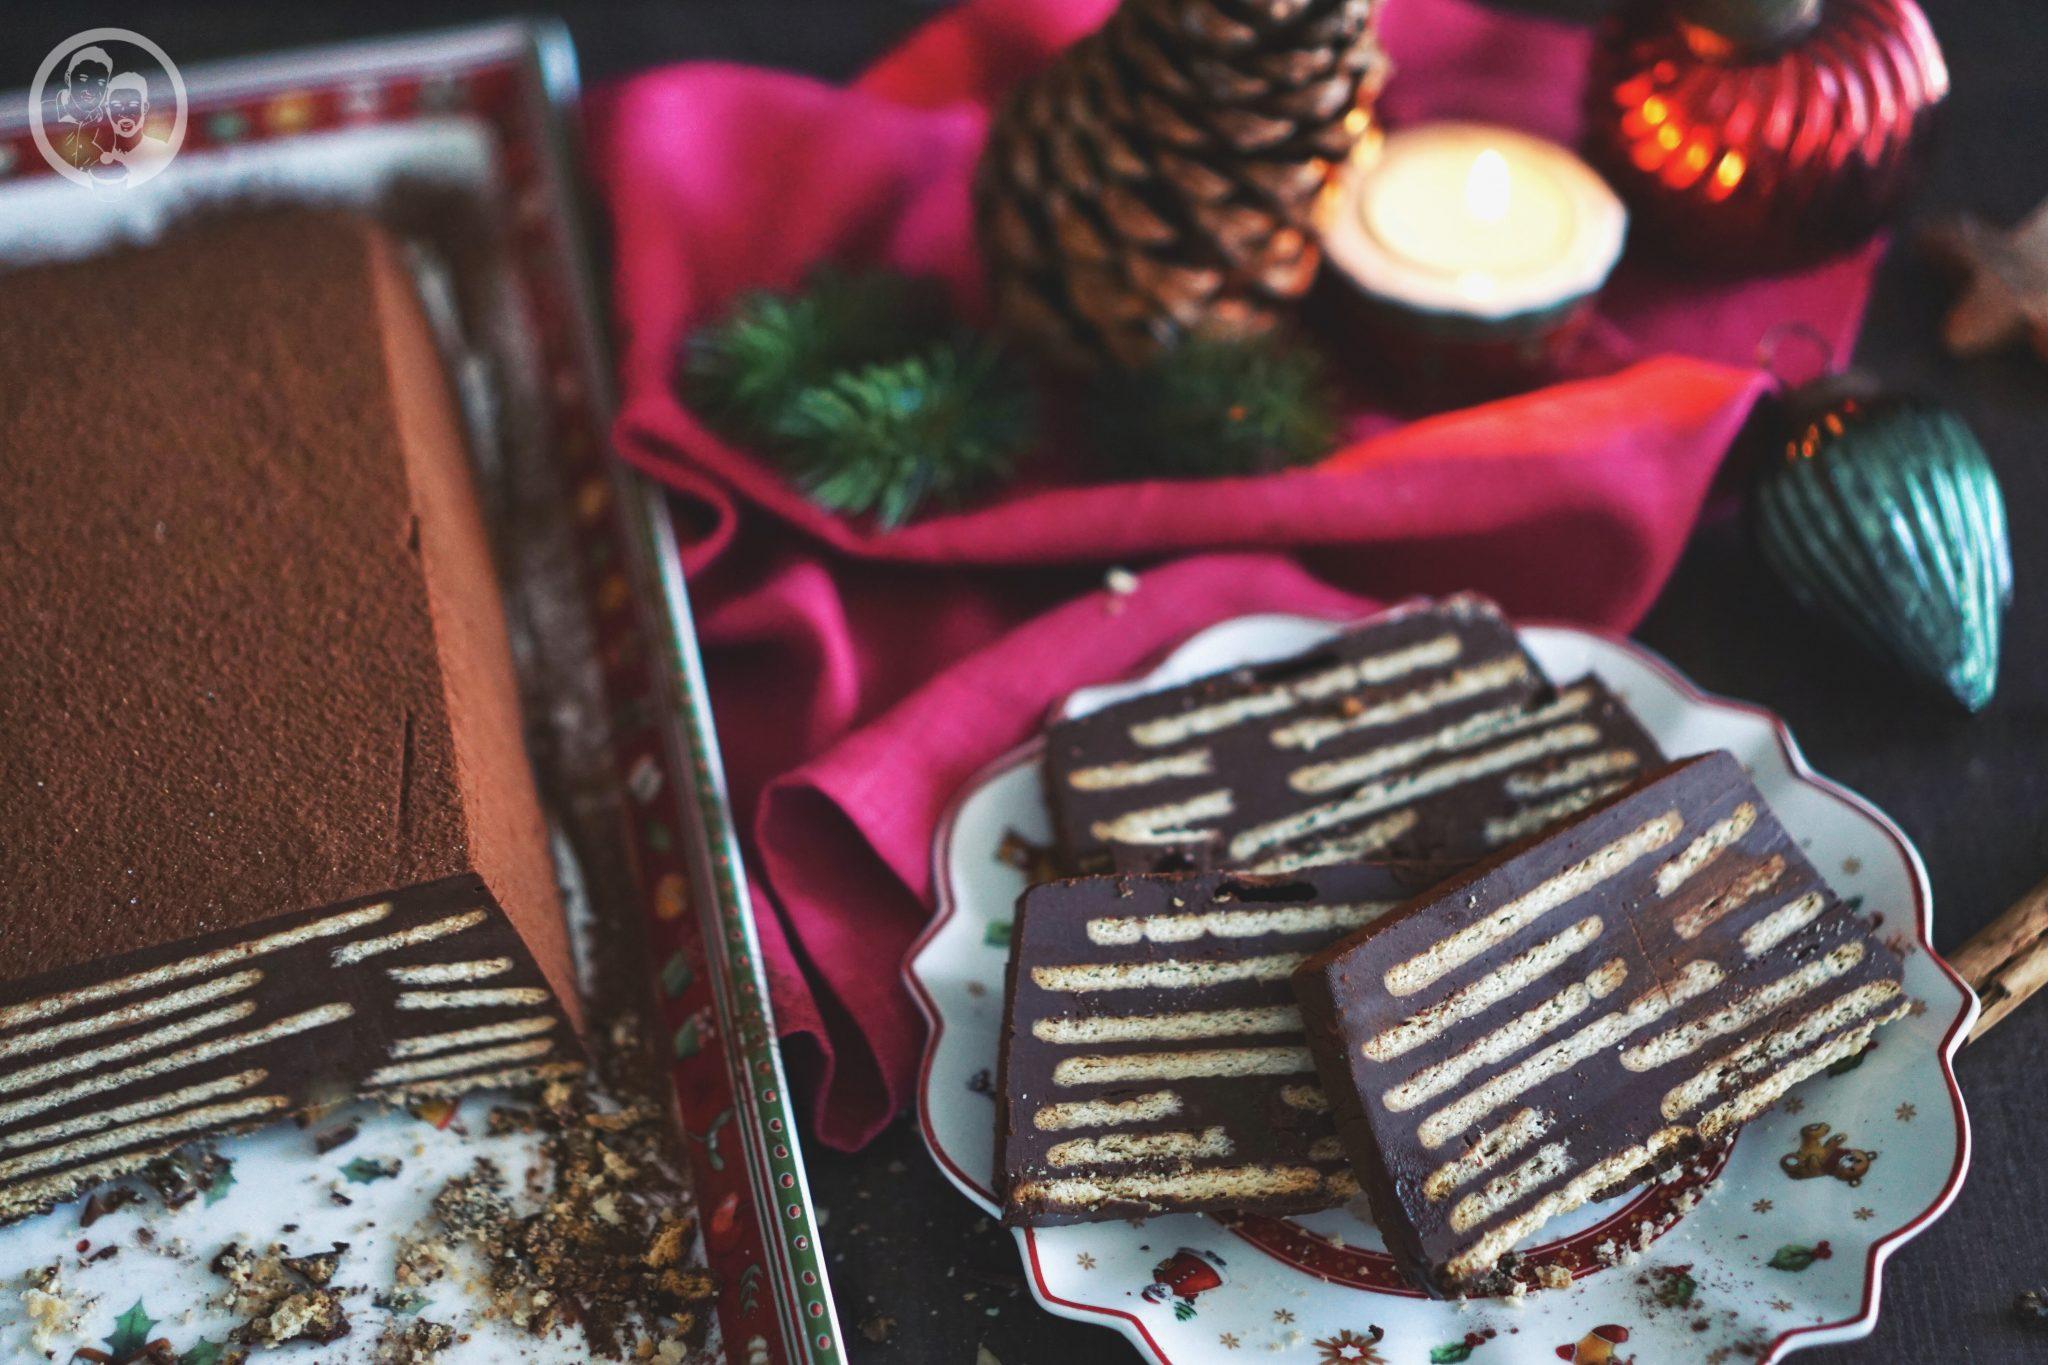 Kalter Adventshund ohne Palmfett 4 | Diesen Sonntag fängt nun wirklich die Adventszeit an. War es doch so, dass wir gefühlt vor einigen Wochen, noch in kurzer Hose herumlaufen konnten und nun soll es echt fast schon Weihnachten sein ... aber so ist das nun mal. Daher gibt es heute schon einen weihnachtlichen Kuchen ... Kalter Adventshund haben wir ihn genannt.